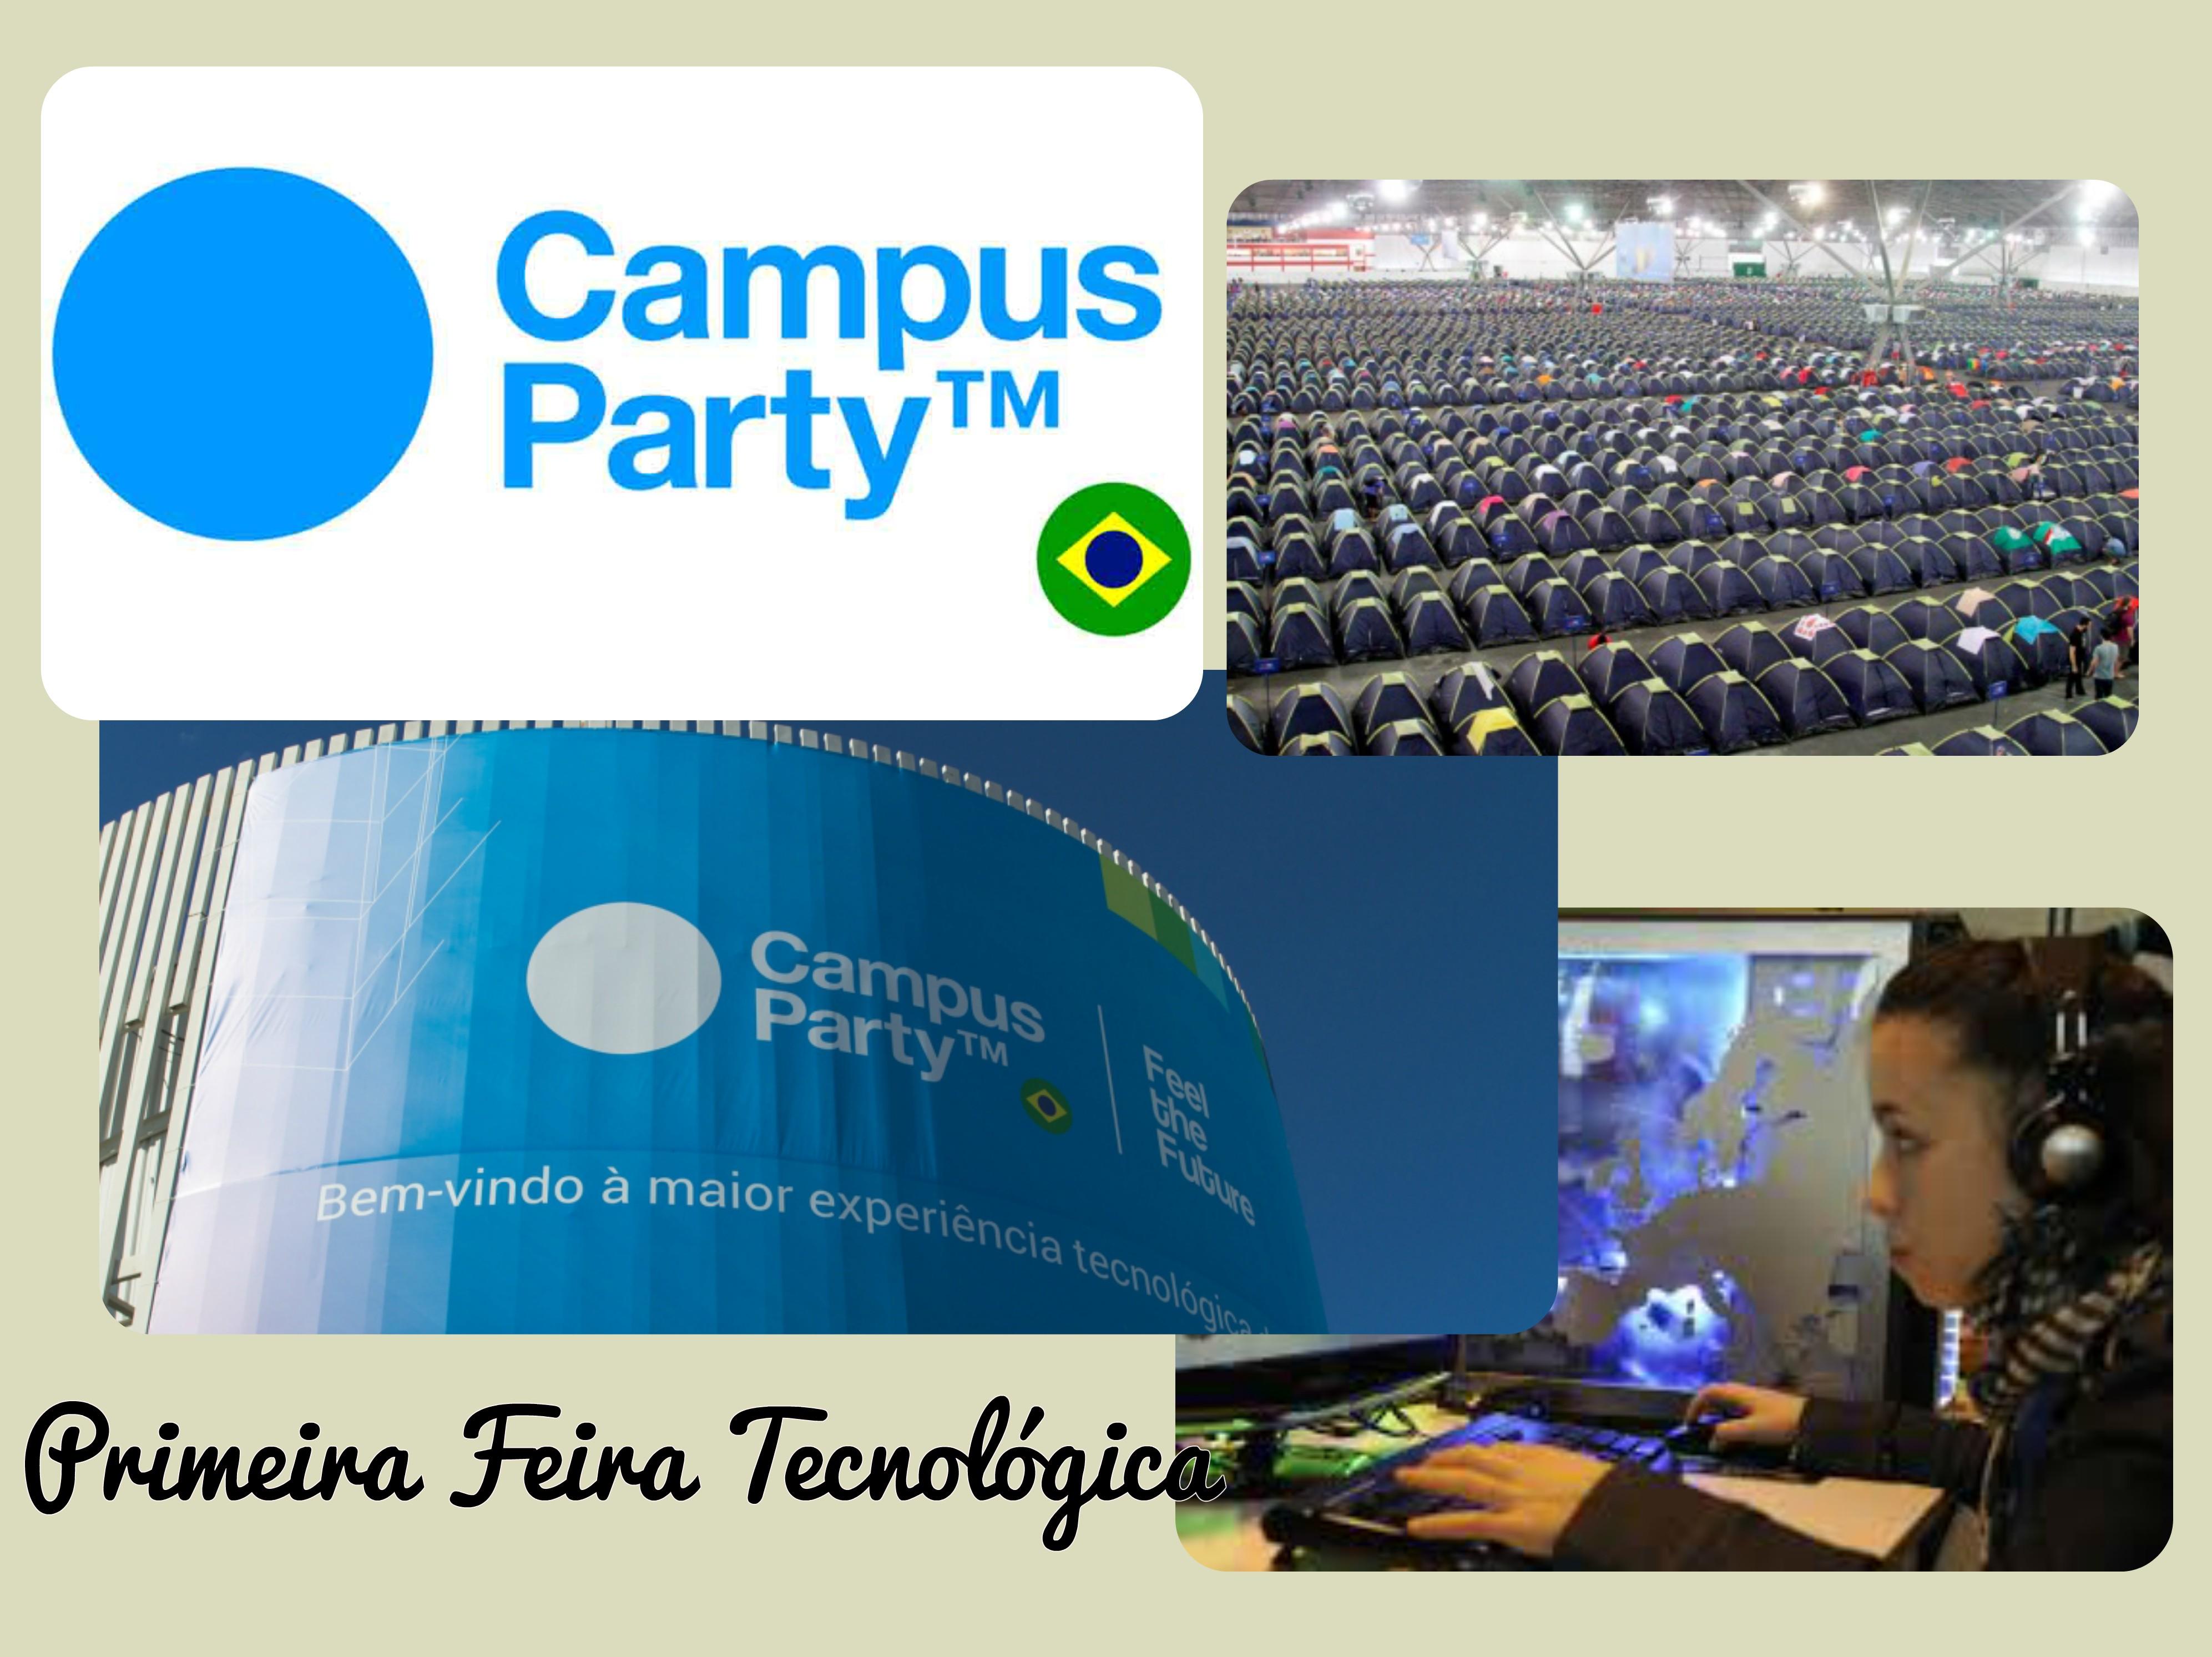 Feira tecnológica Campus party em Salvador de Bahia